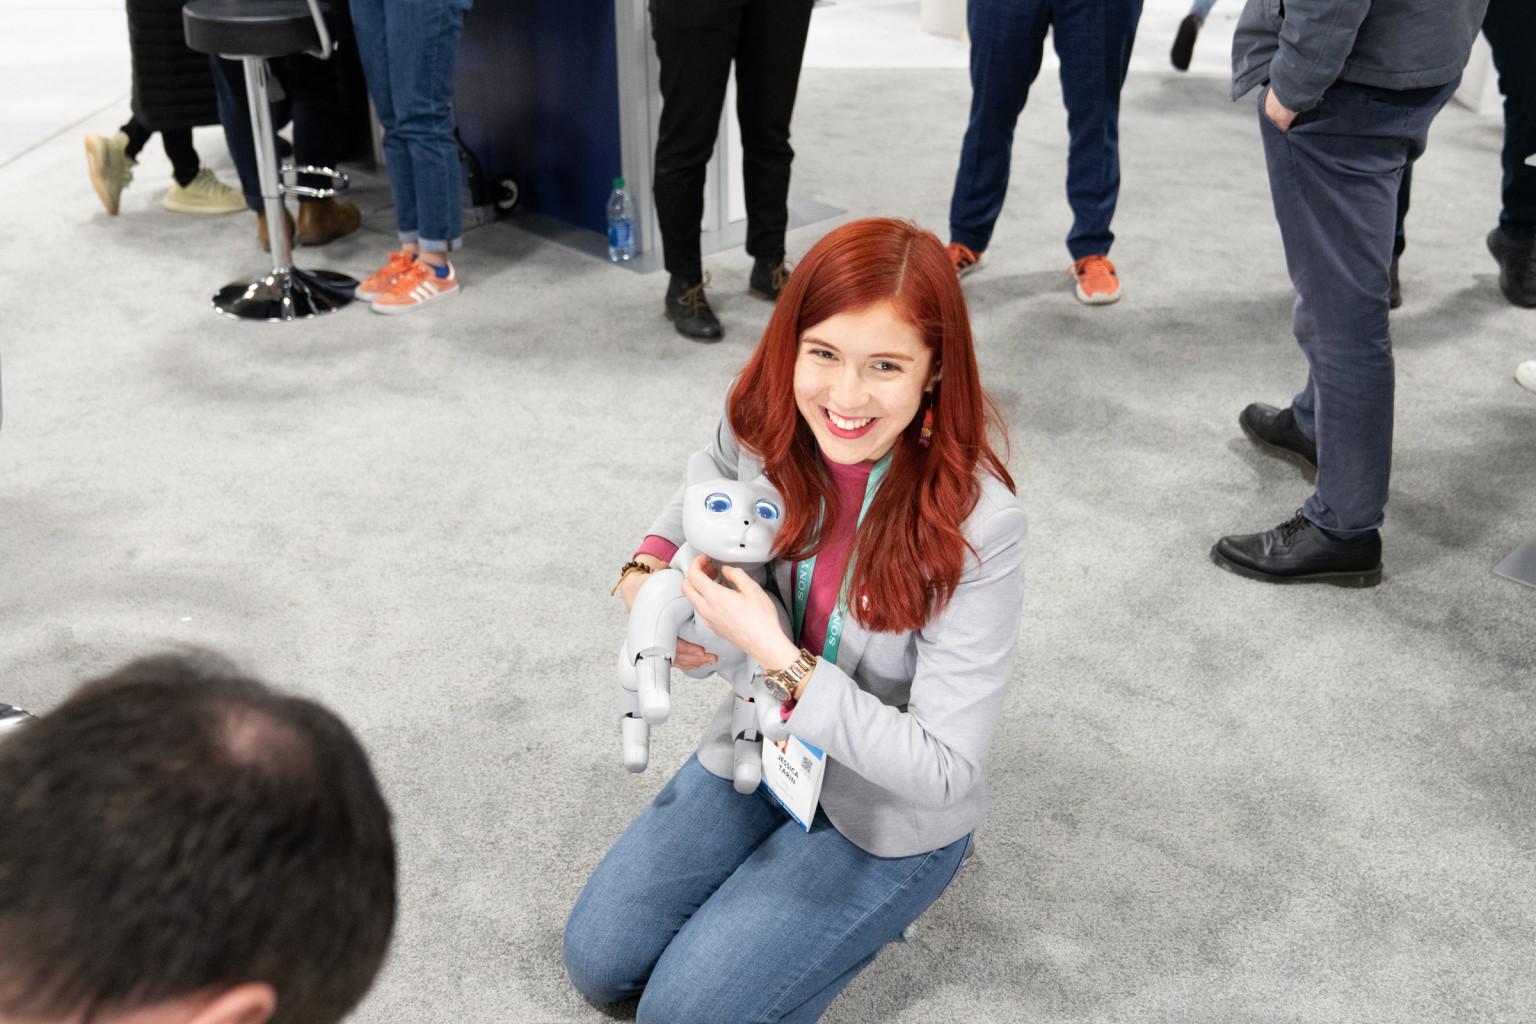 深圳一公司推出机器宠物猫,行为和真猫差不多